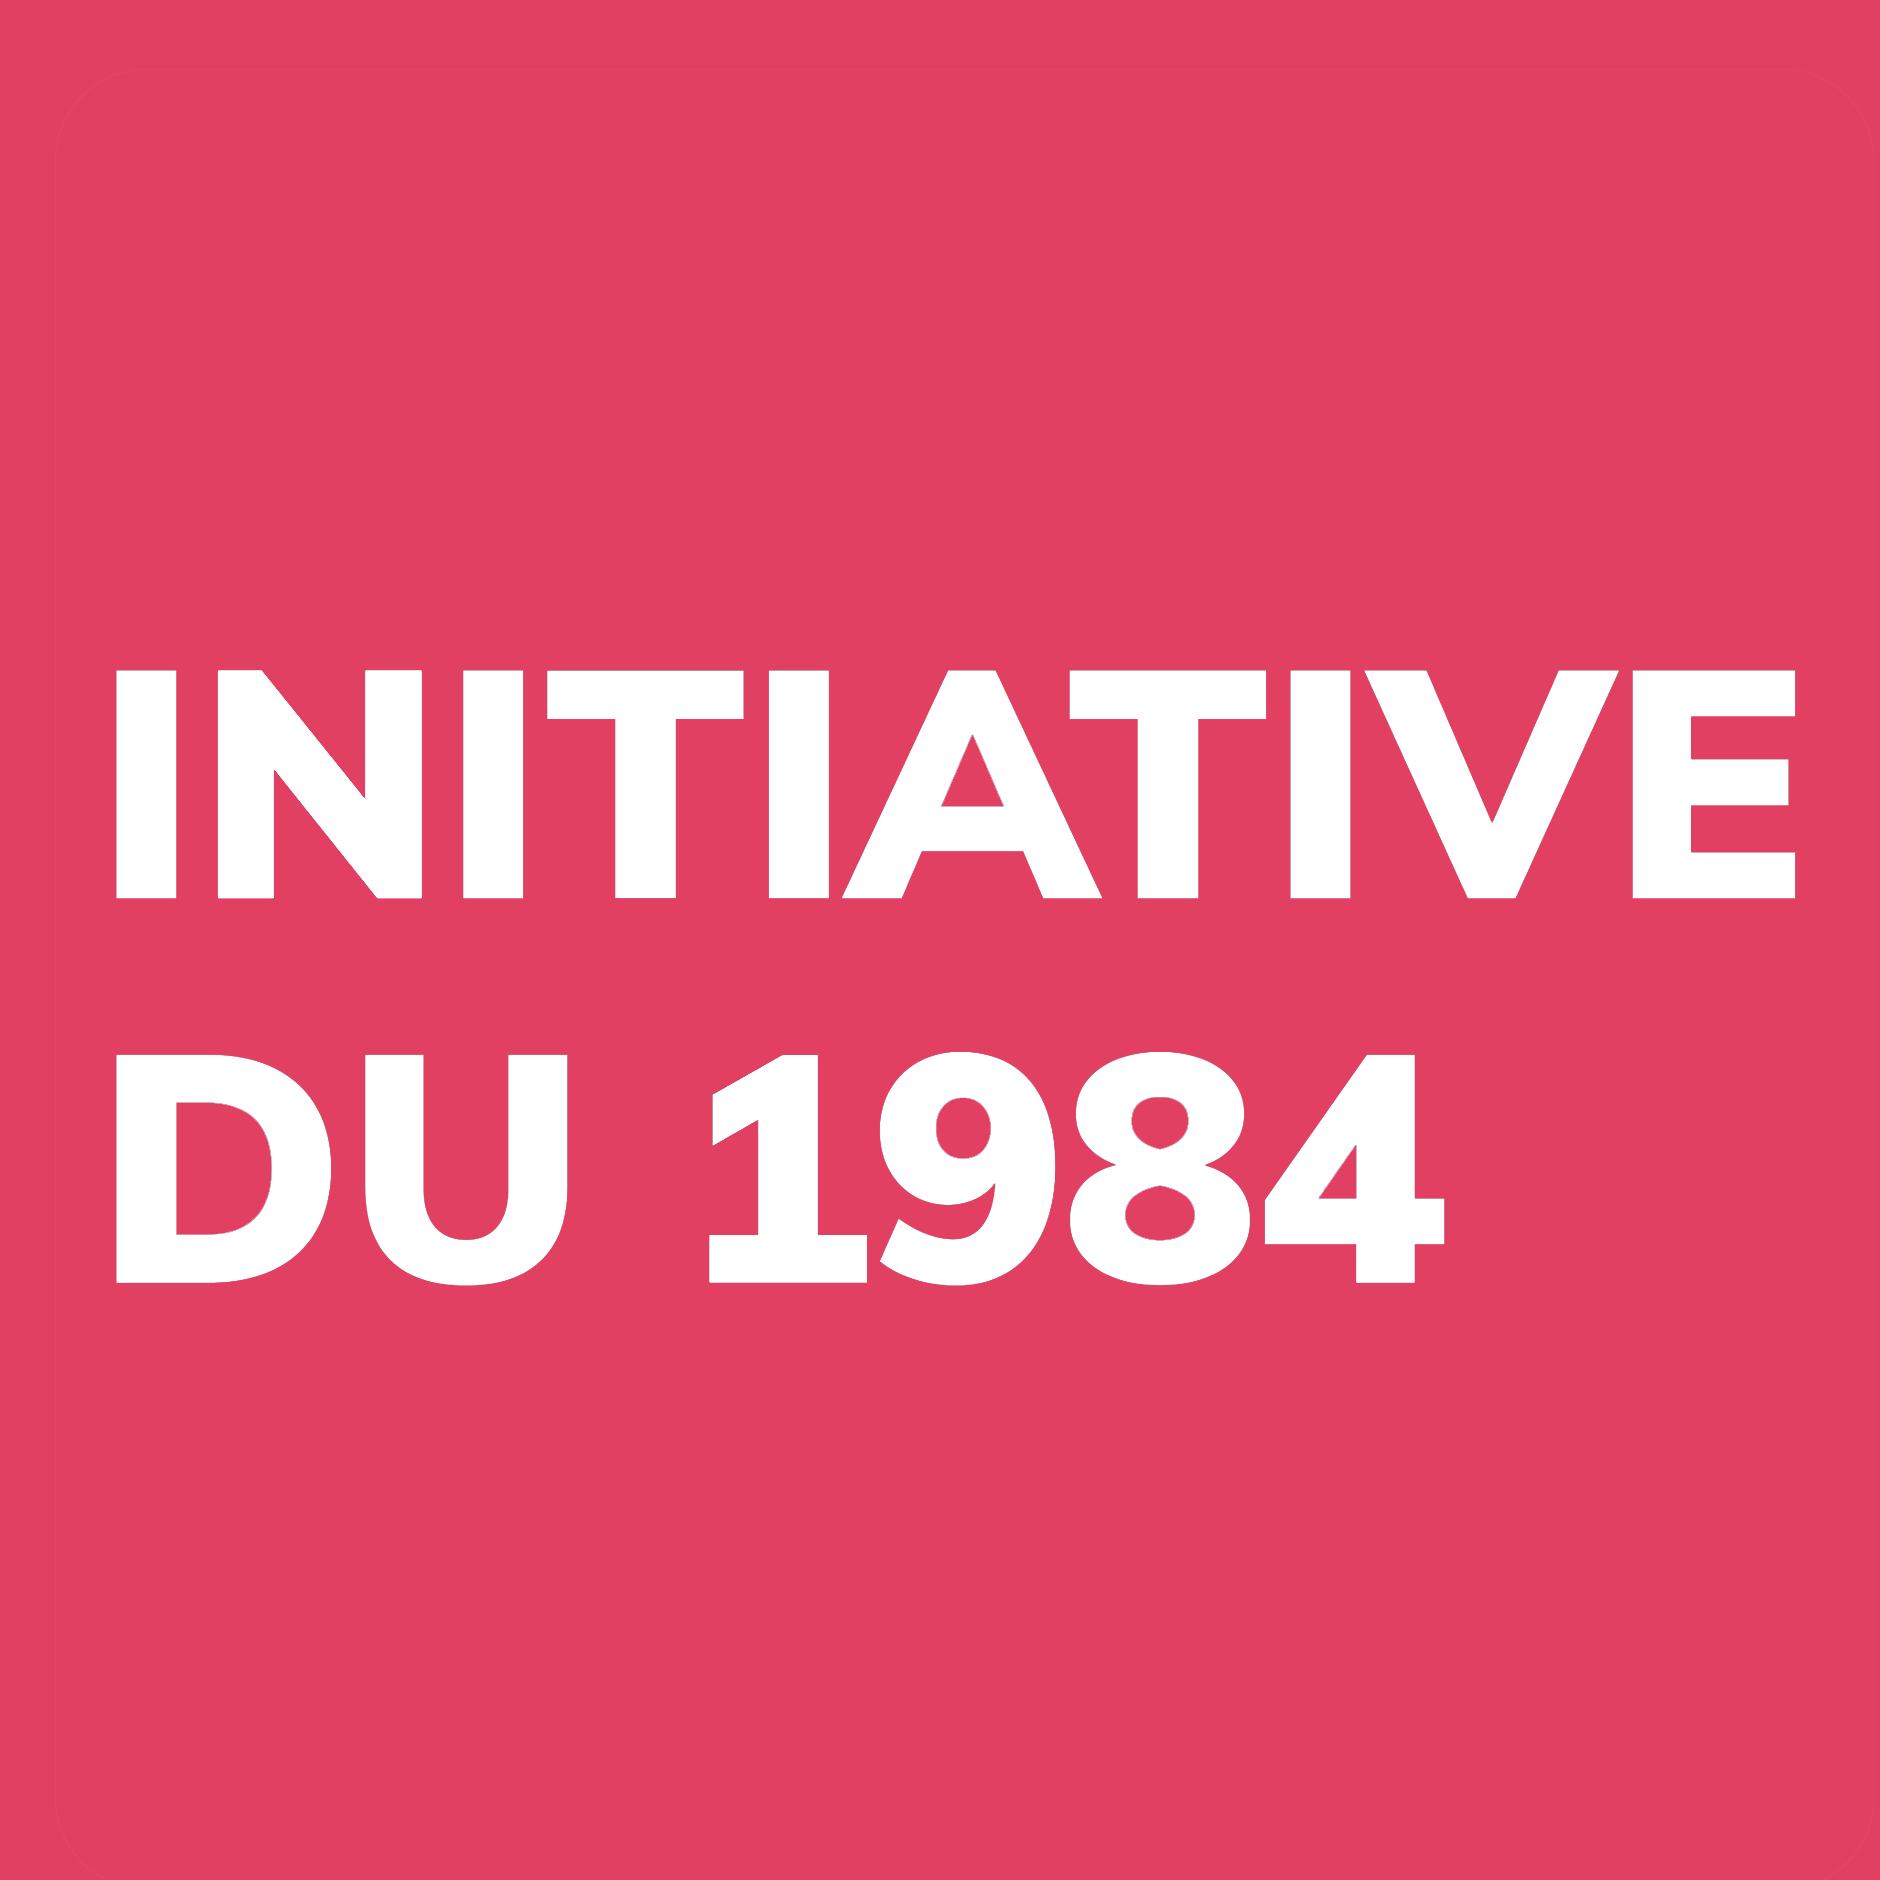 Initiative DU 26. August 1984